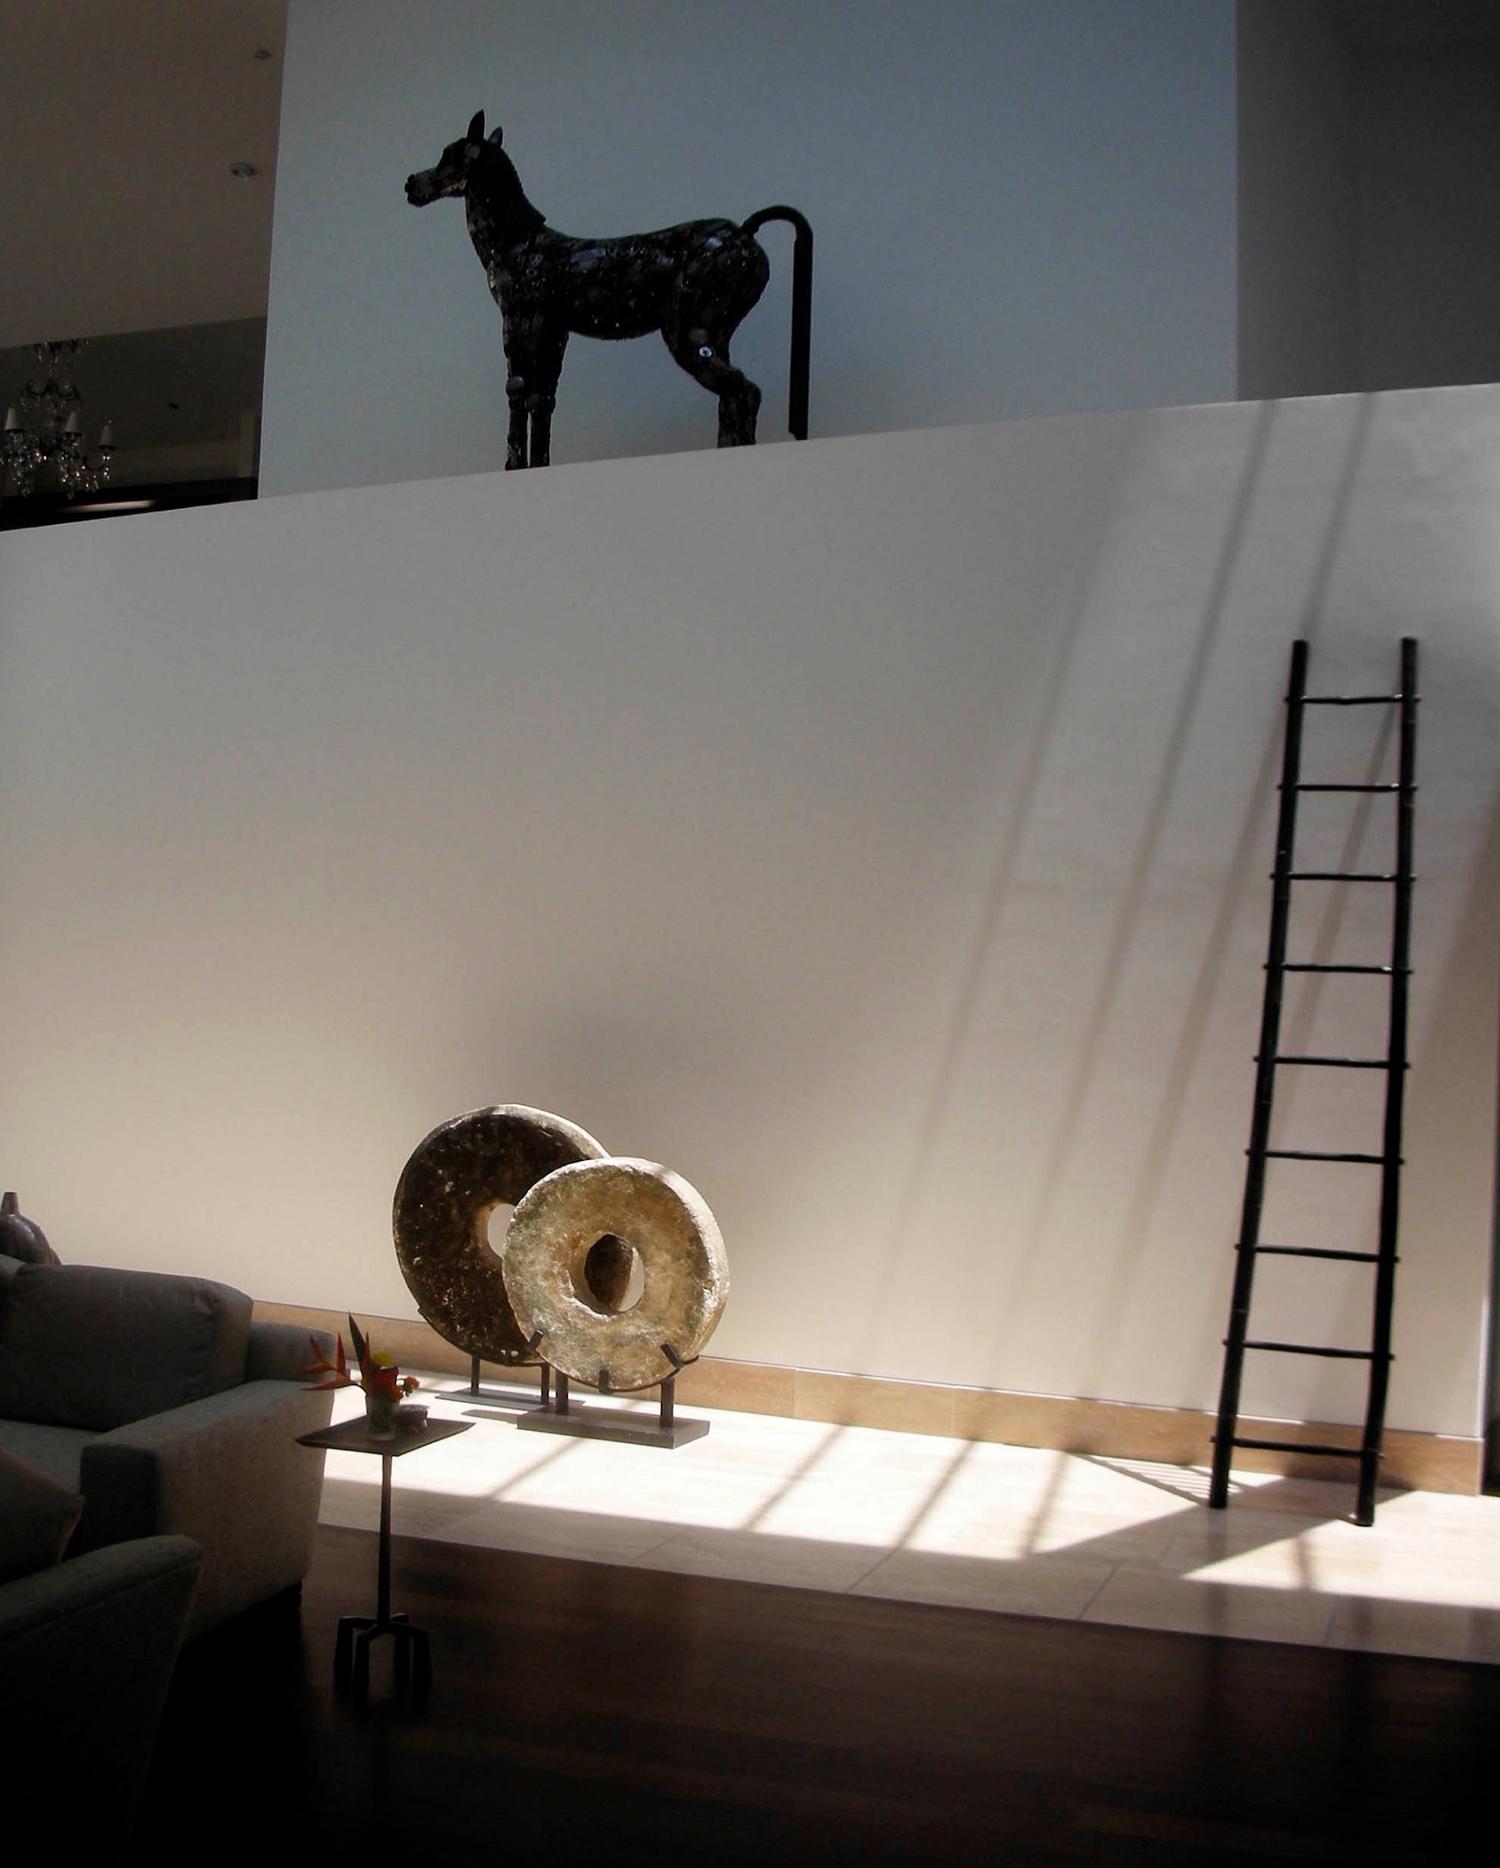 New.Ladder.DSCN2434 (1)_web.jpg